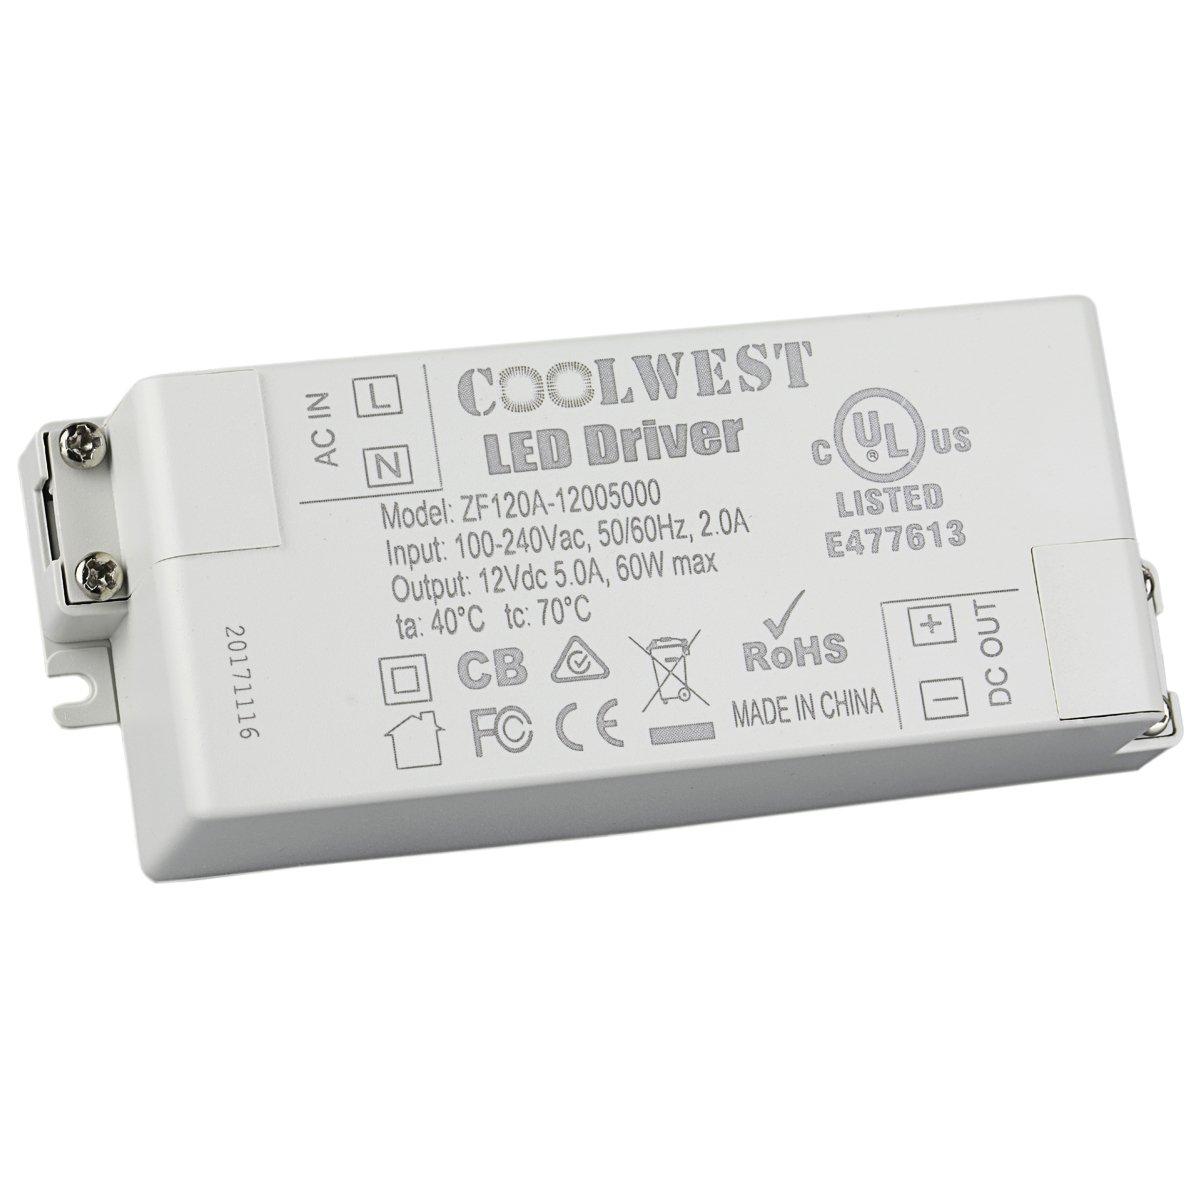 COOLWEST 60W Trasformatore LED Driver Alimentatori 12V DC 5A Tensione costante, usato per G4, GU10, MR11, MR16, Lampadine a LED, Striscia LED